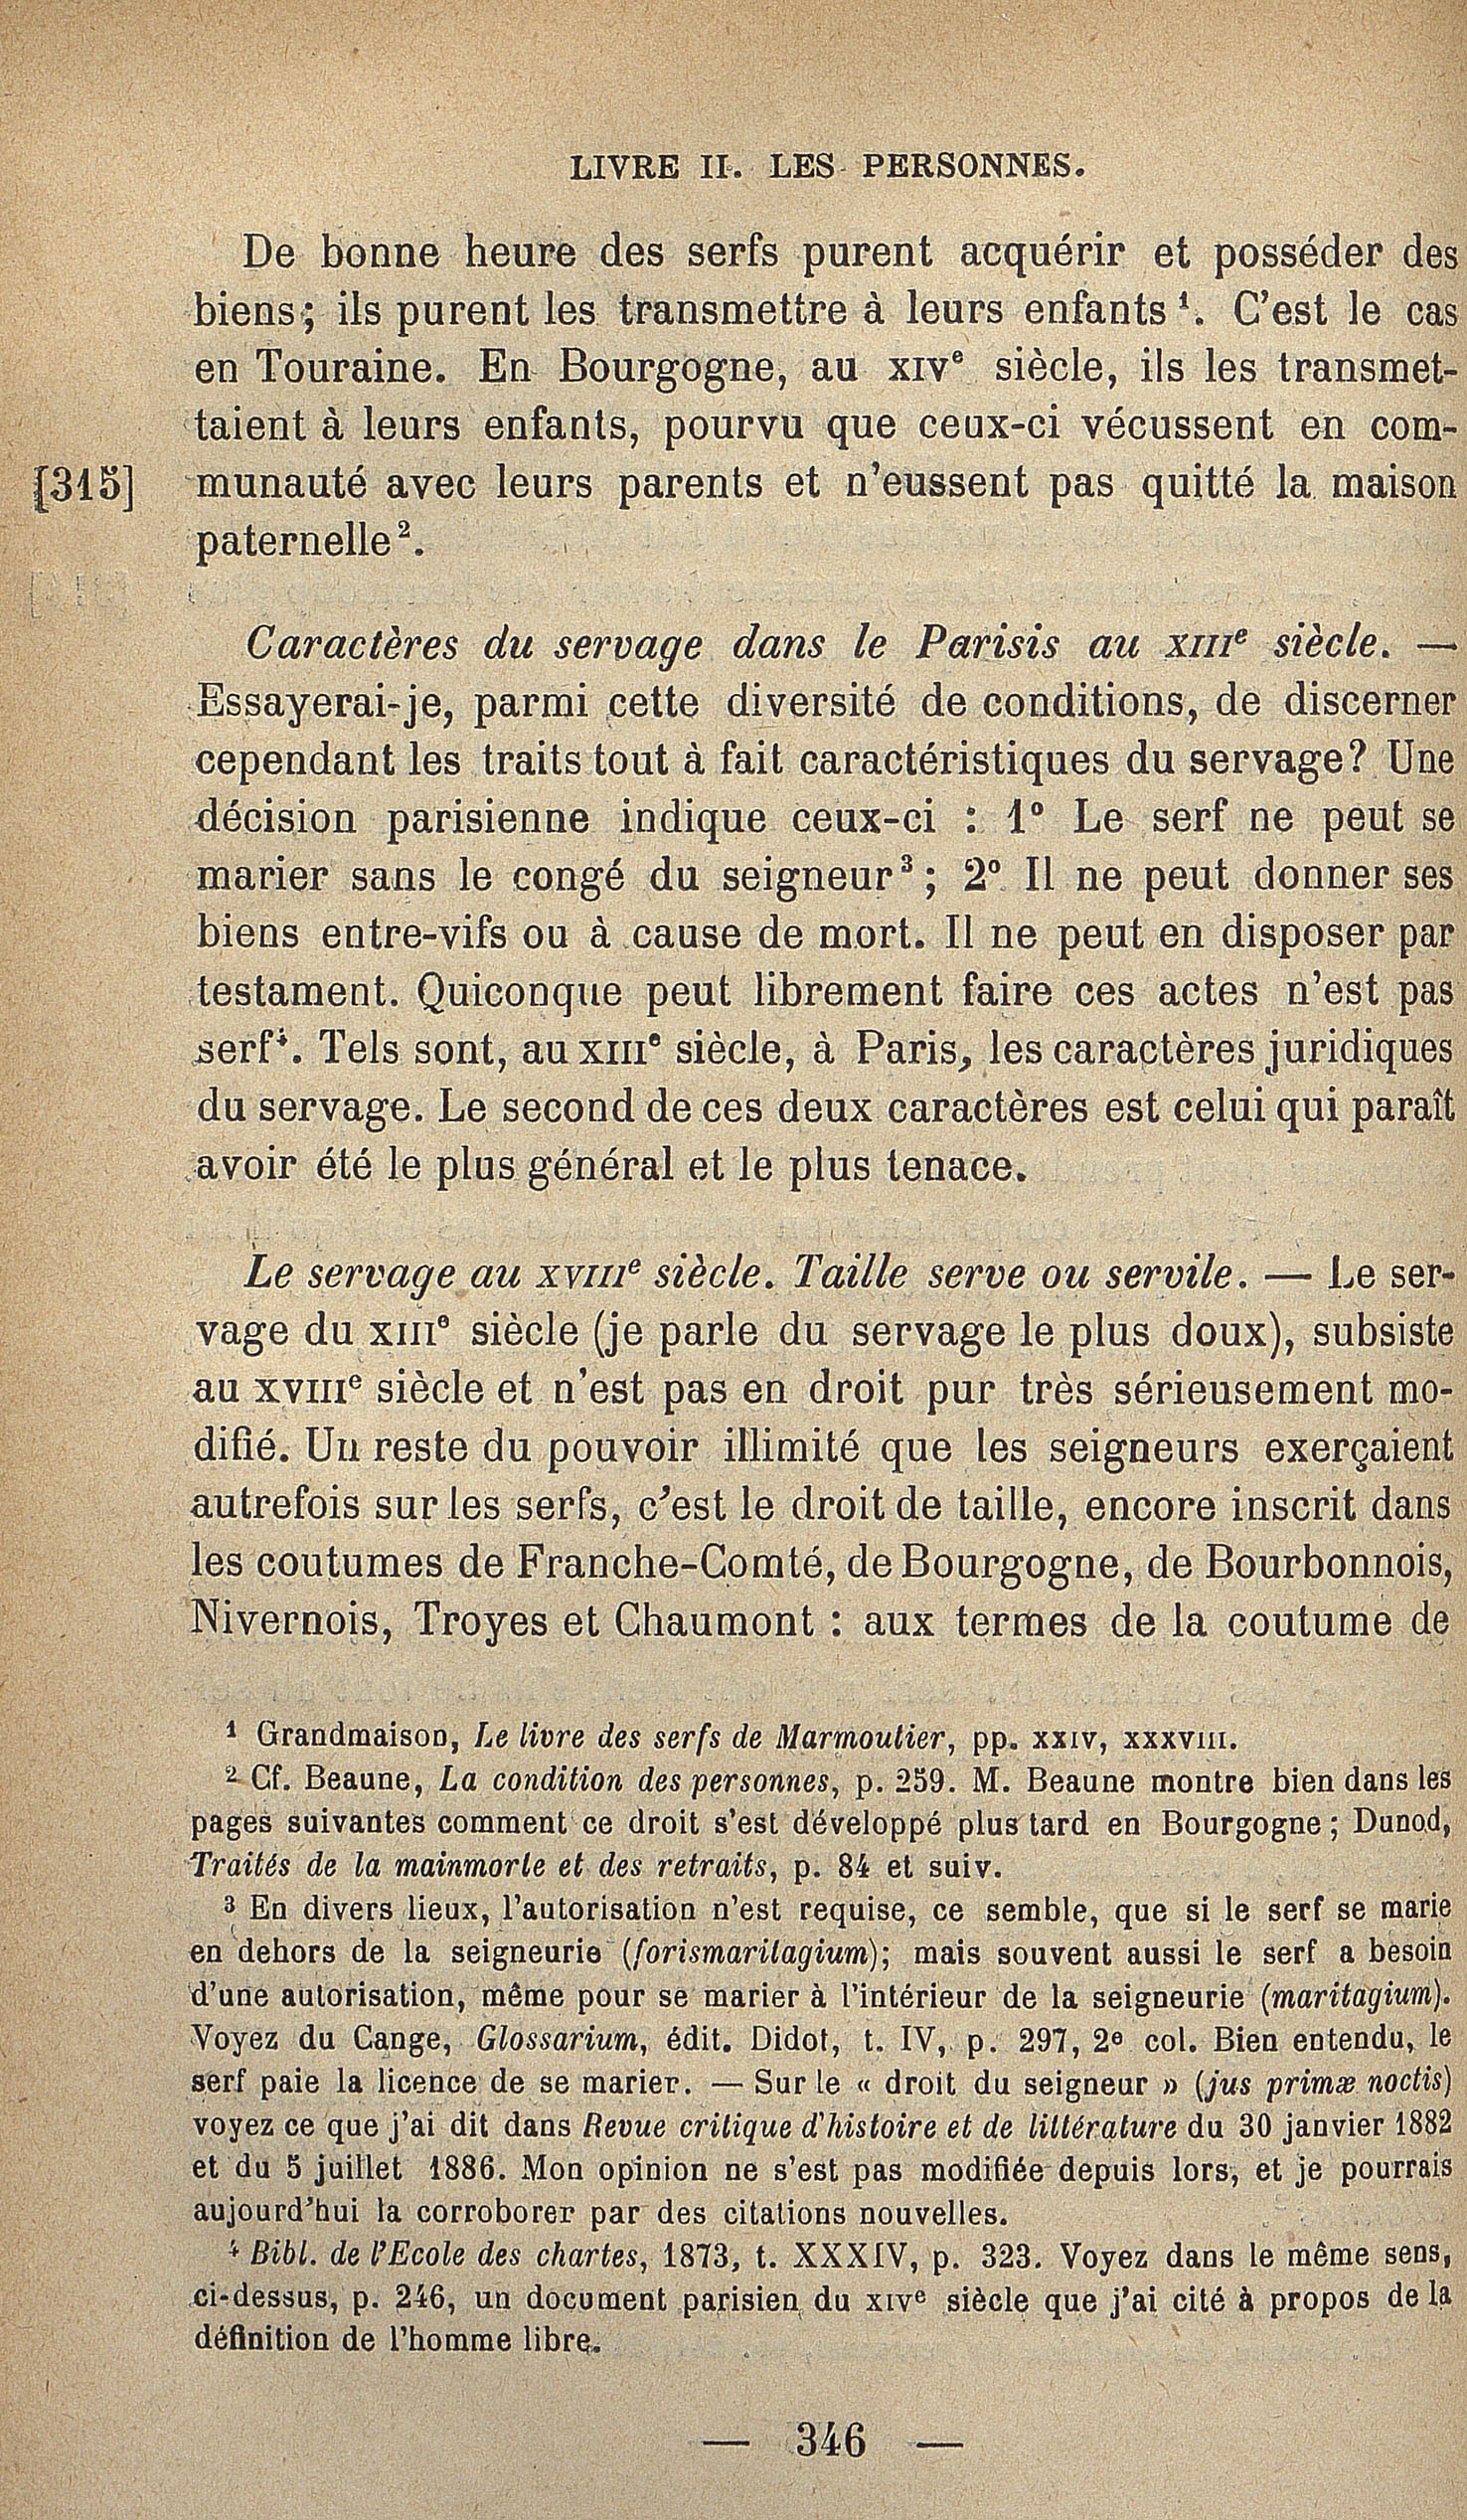 http://expo-paulviollet.univ-paris1.fr/wp-content/uploads/2016/02/0605121670_0356.jpg